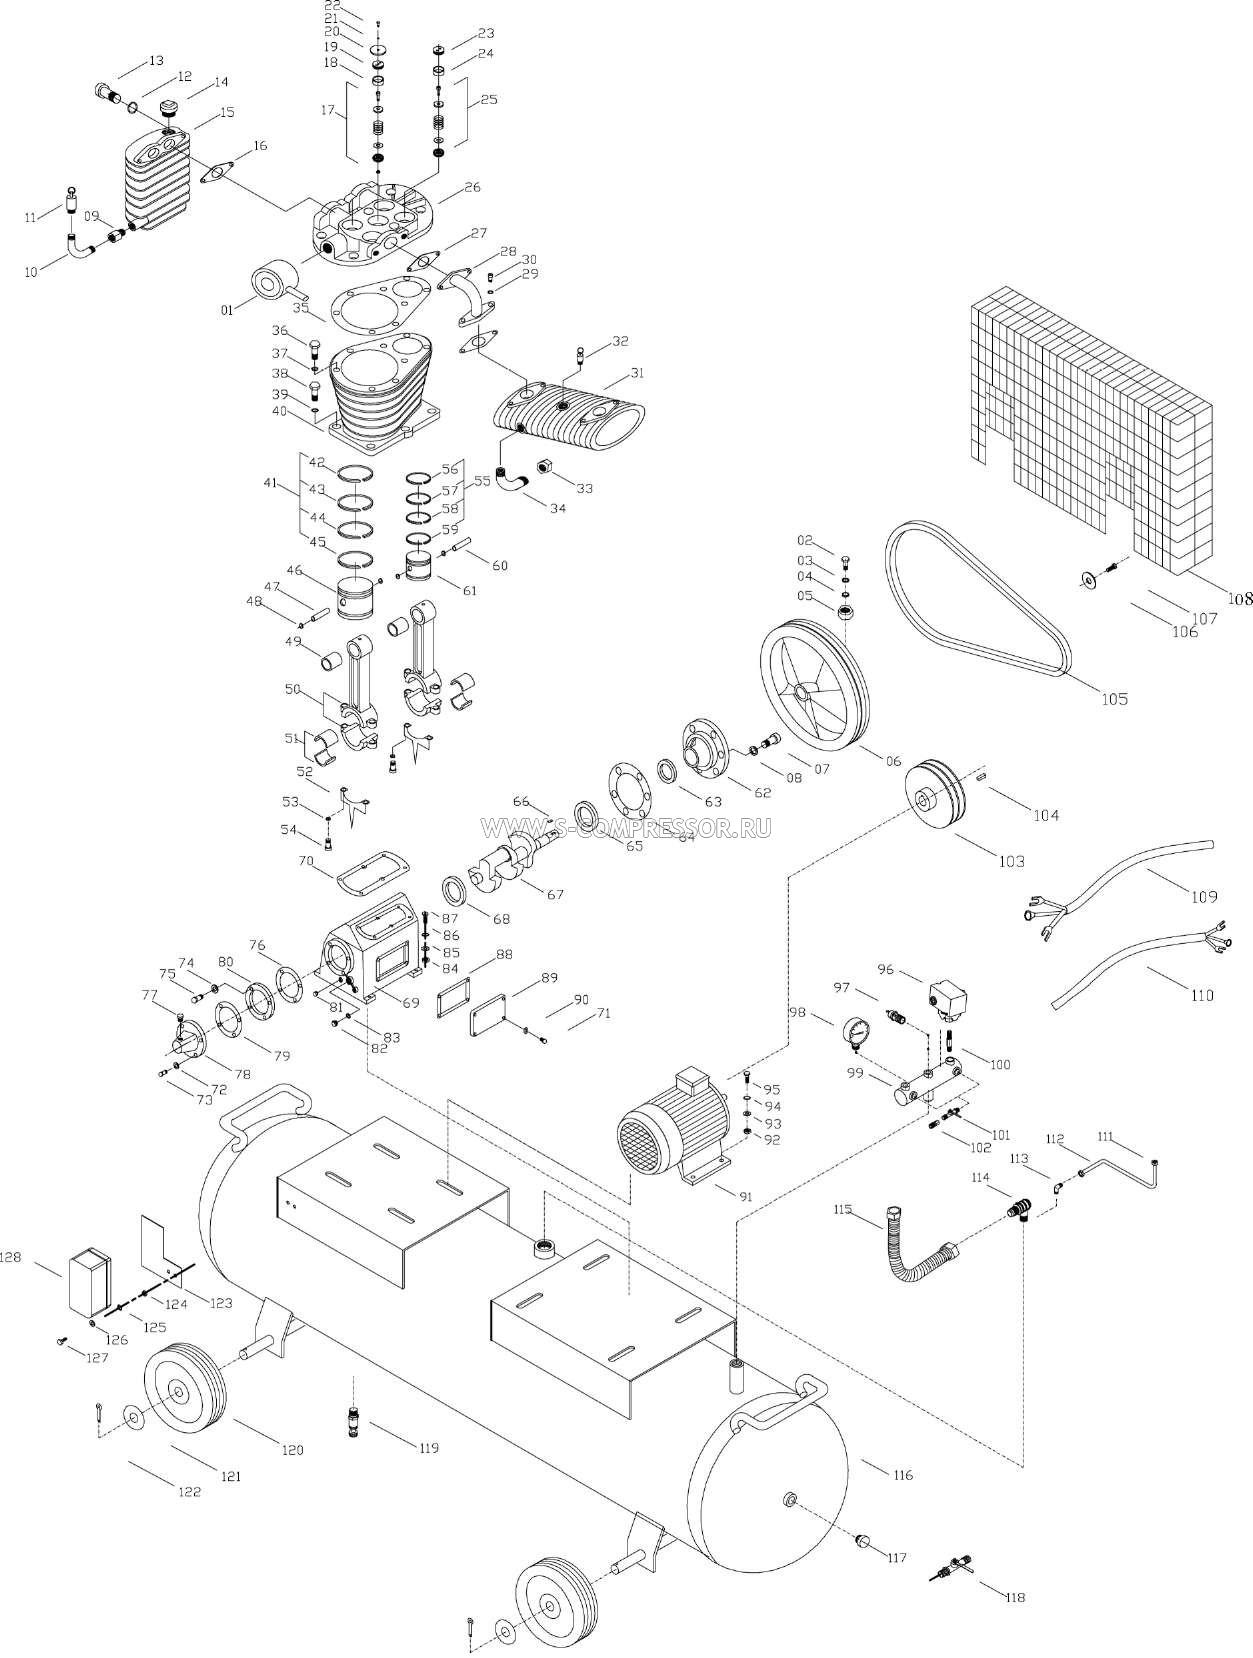 Запчасти для поршневого компрессора (поршневой головки